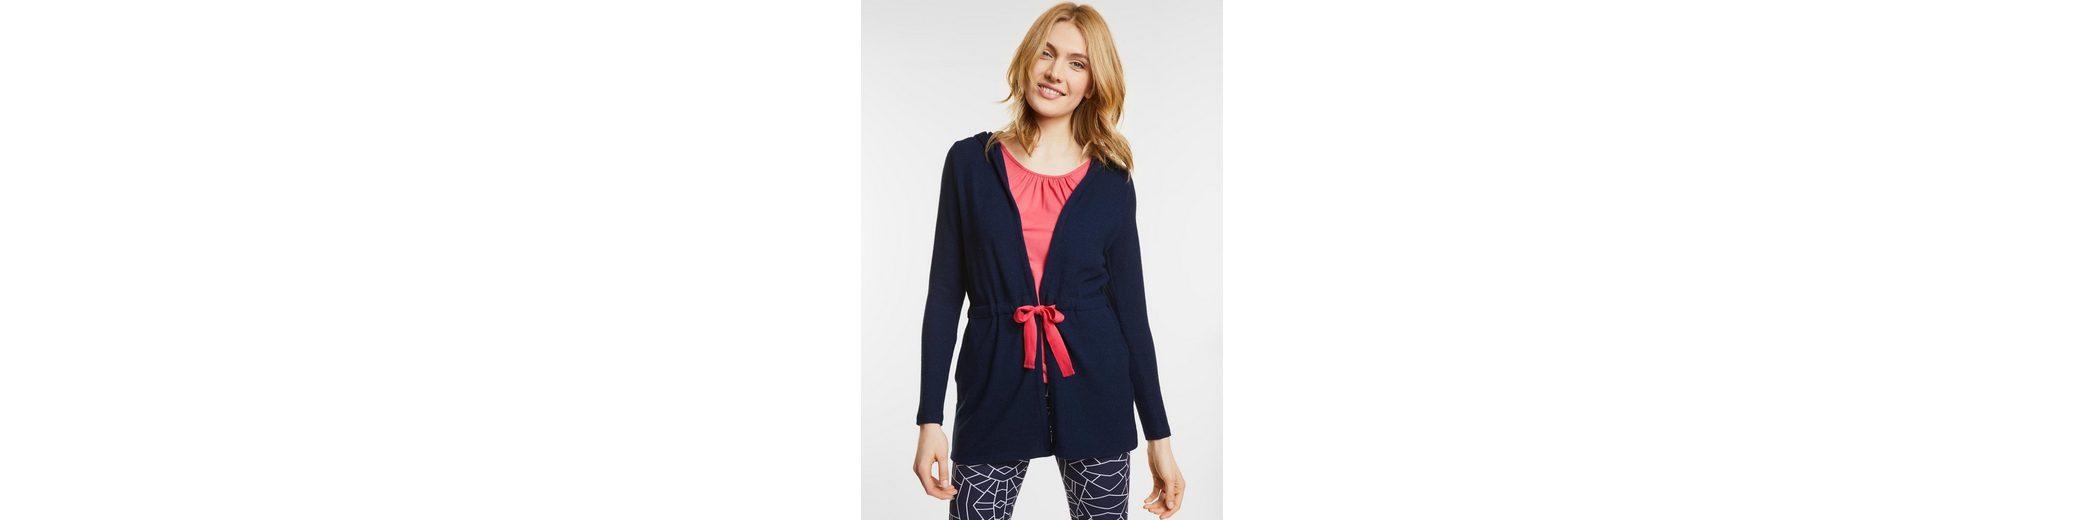 Street One Kuschelige Hoodie-Shirtjacke 2018 Auslaß Ziellinie Zum Verkauf Rabatt Verkauf Neuesten Kollektionen Für Billig Zu Verkaufen tH9E3Xzd